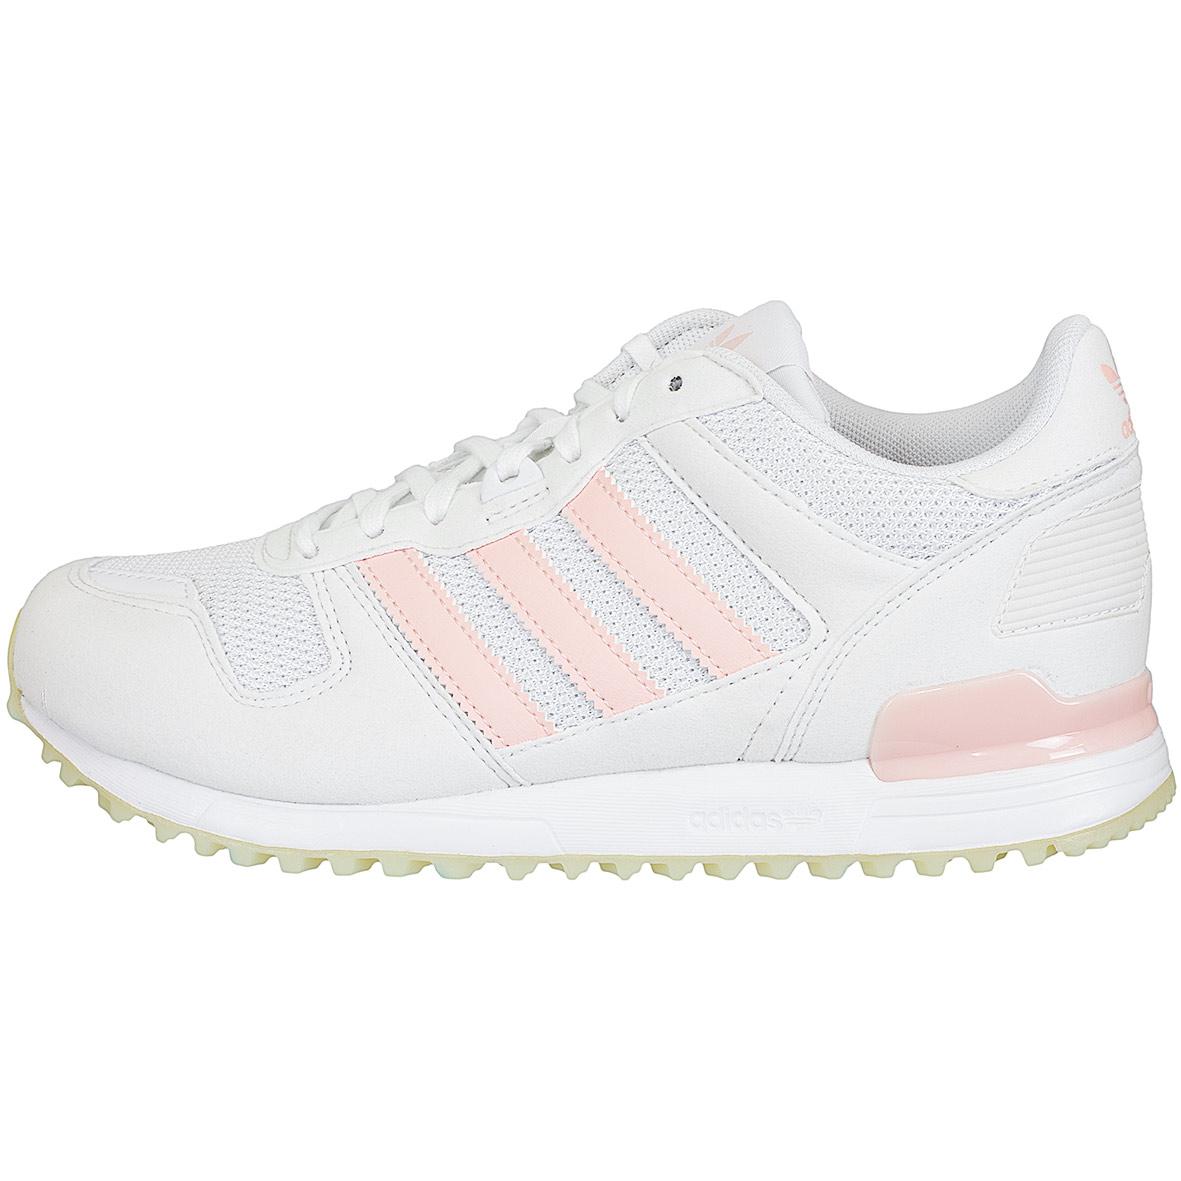 Adidas Schuhe Sneaker Weiß Neu Originals Zx Damen 700